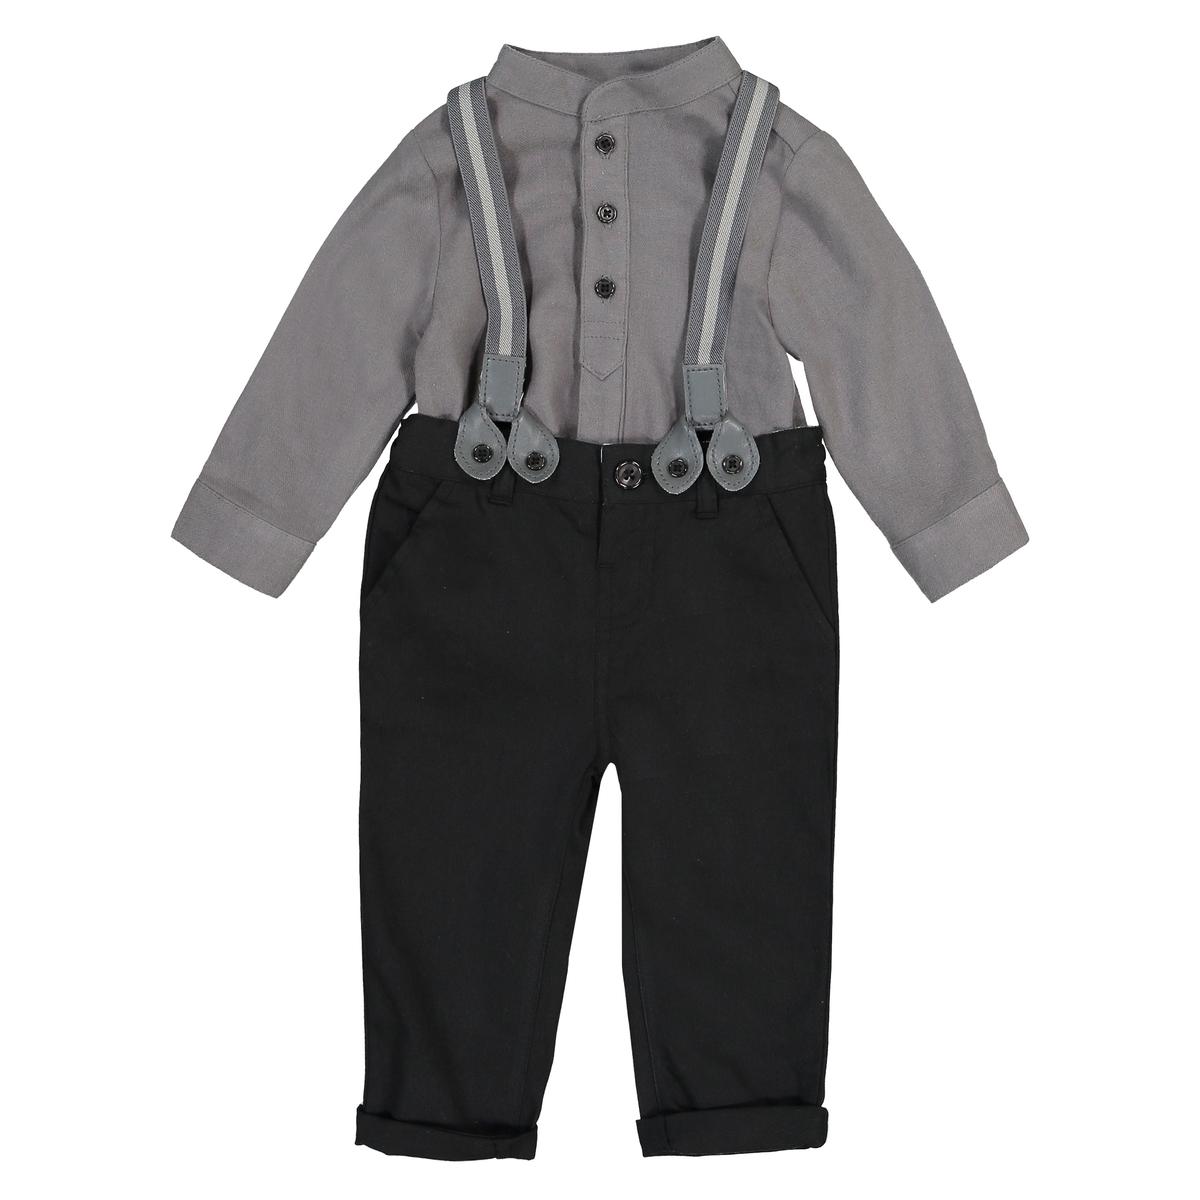 Комплект праздничный из брюк и рубашки 3 мес - 3 лет праздничный атрибут ea14 100 79006 01